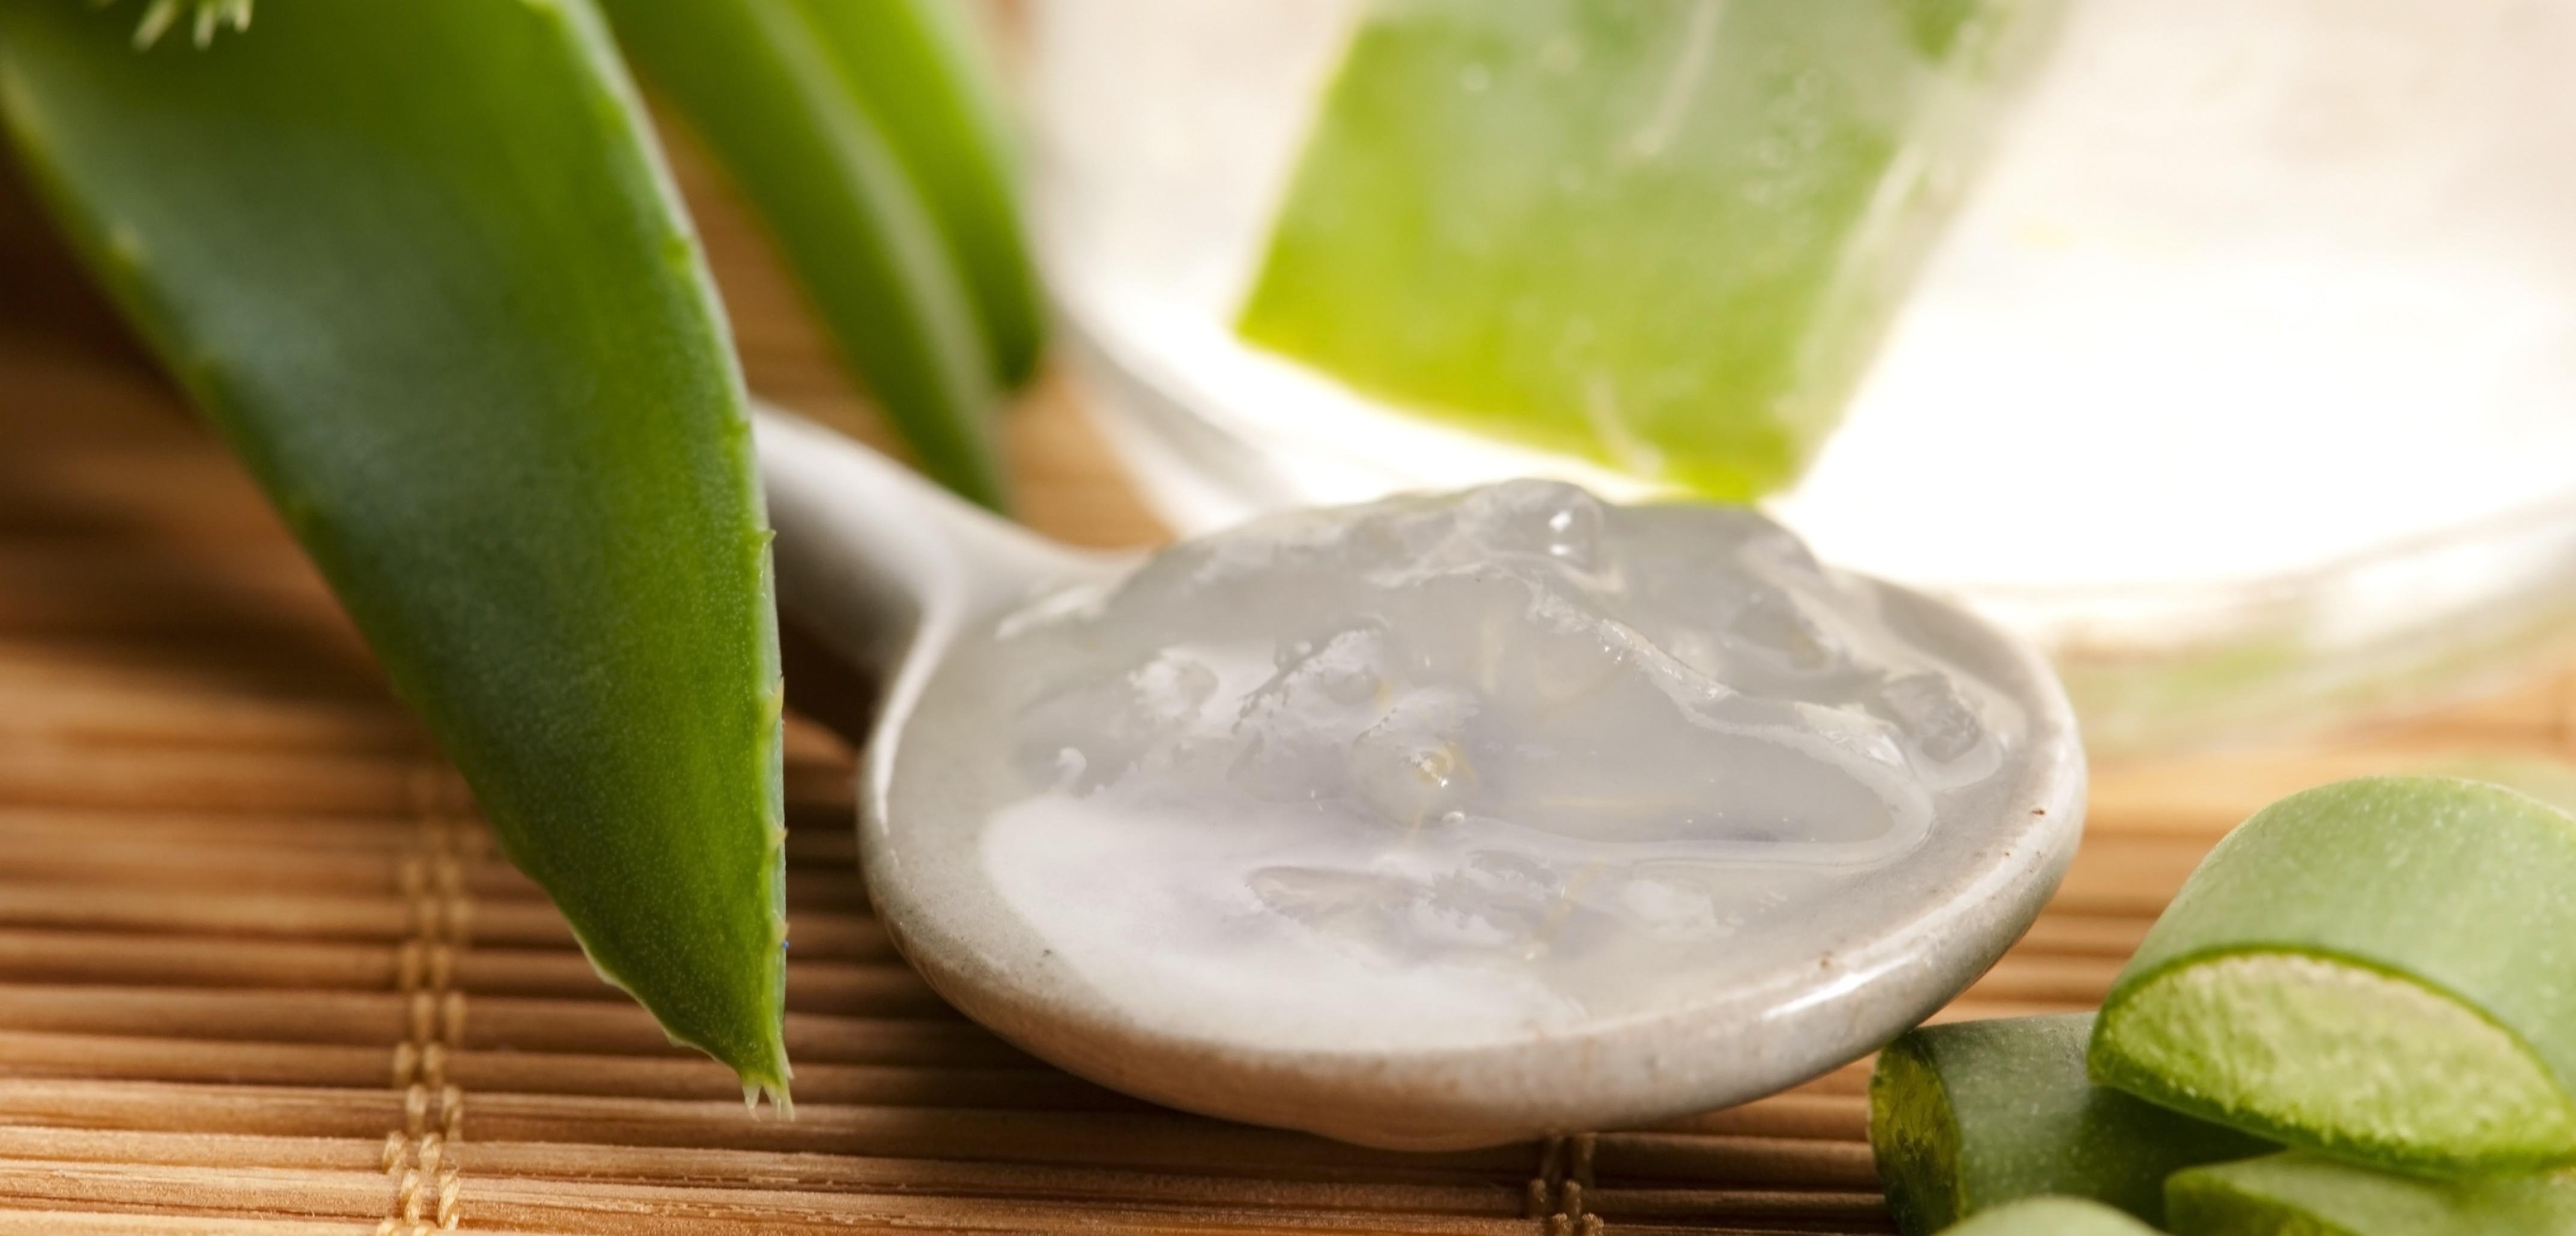 Dalle foglie dell'aloe si ricava un succo o un gel